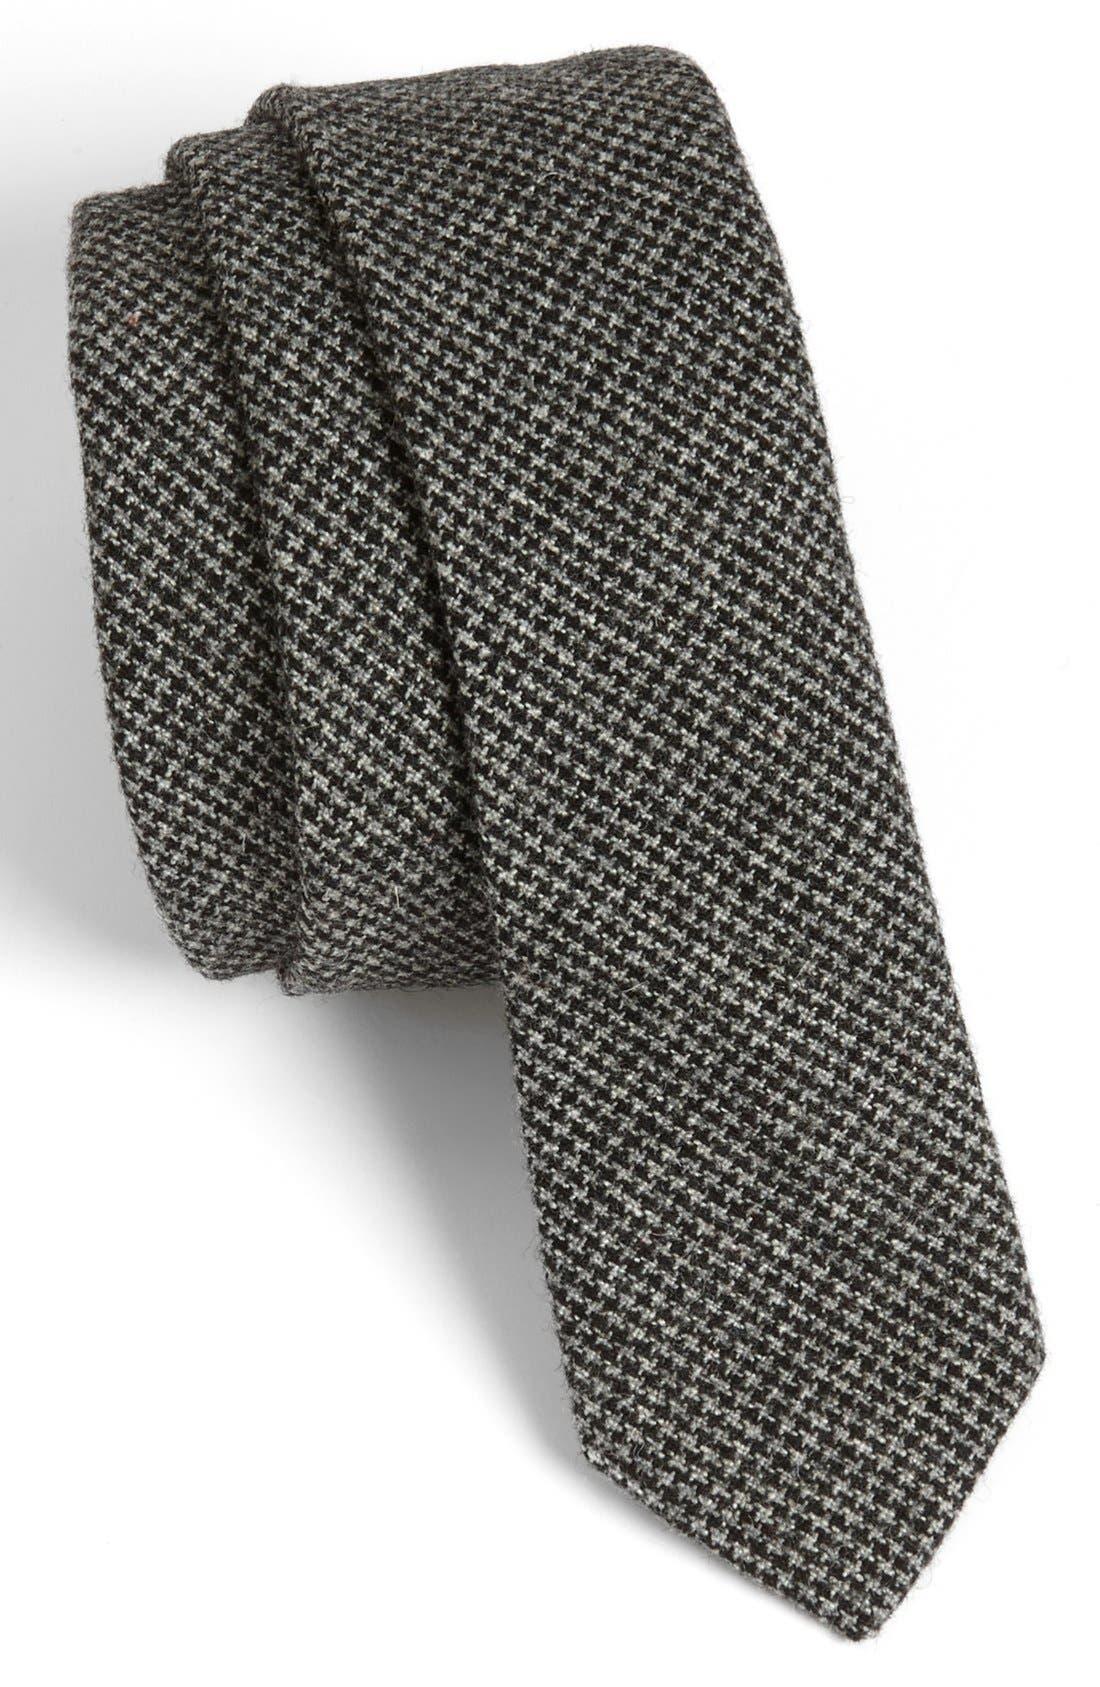 Main Image - Topman Houndstooth Tie